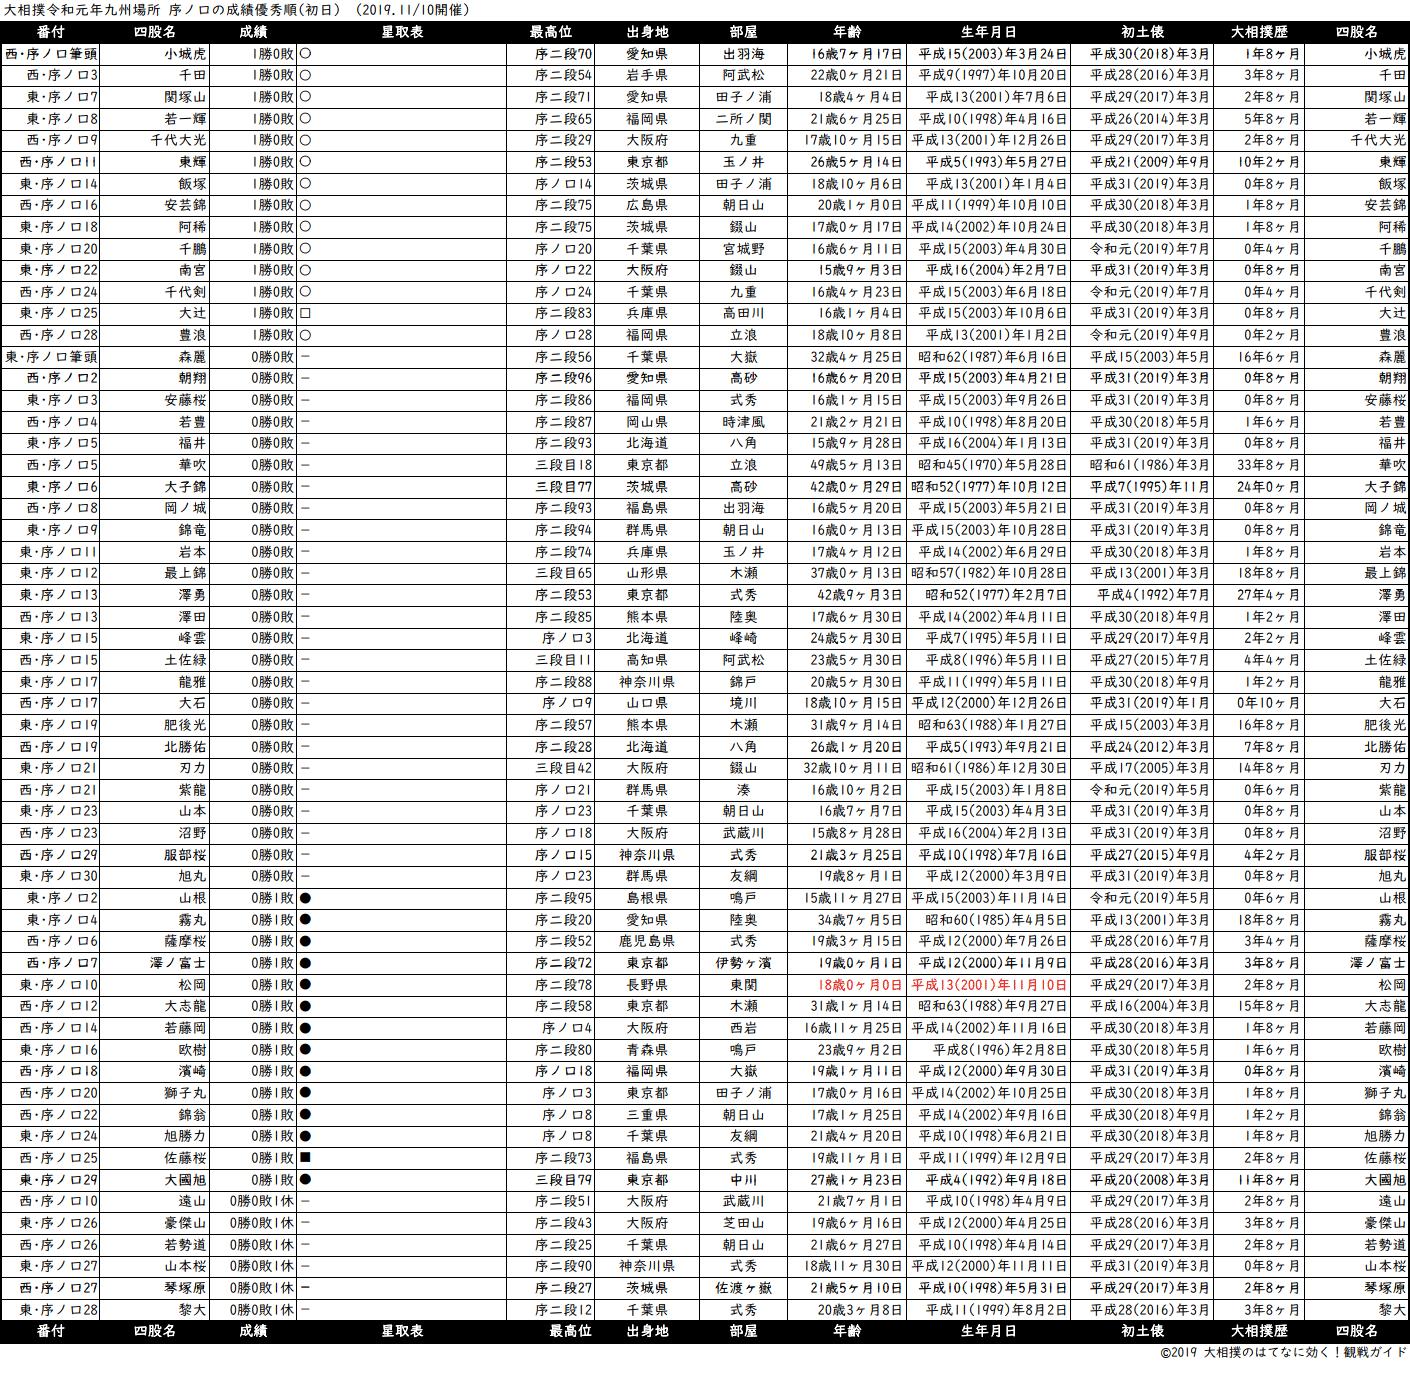 序ノ口成績順一覧表・2019年11月場所初日